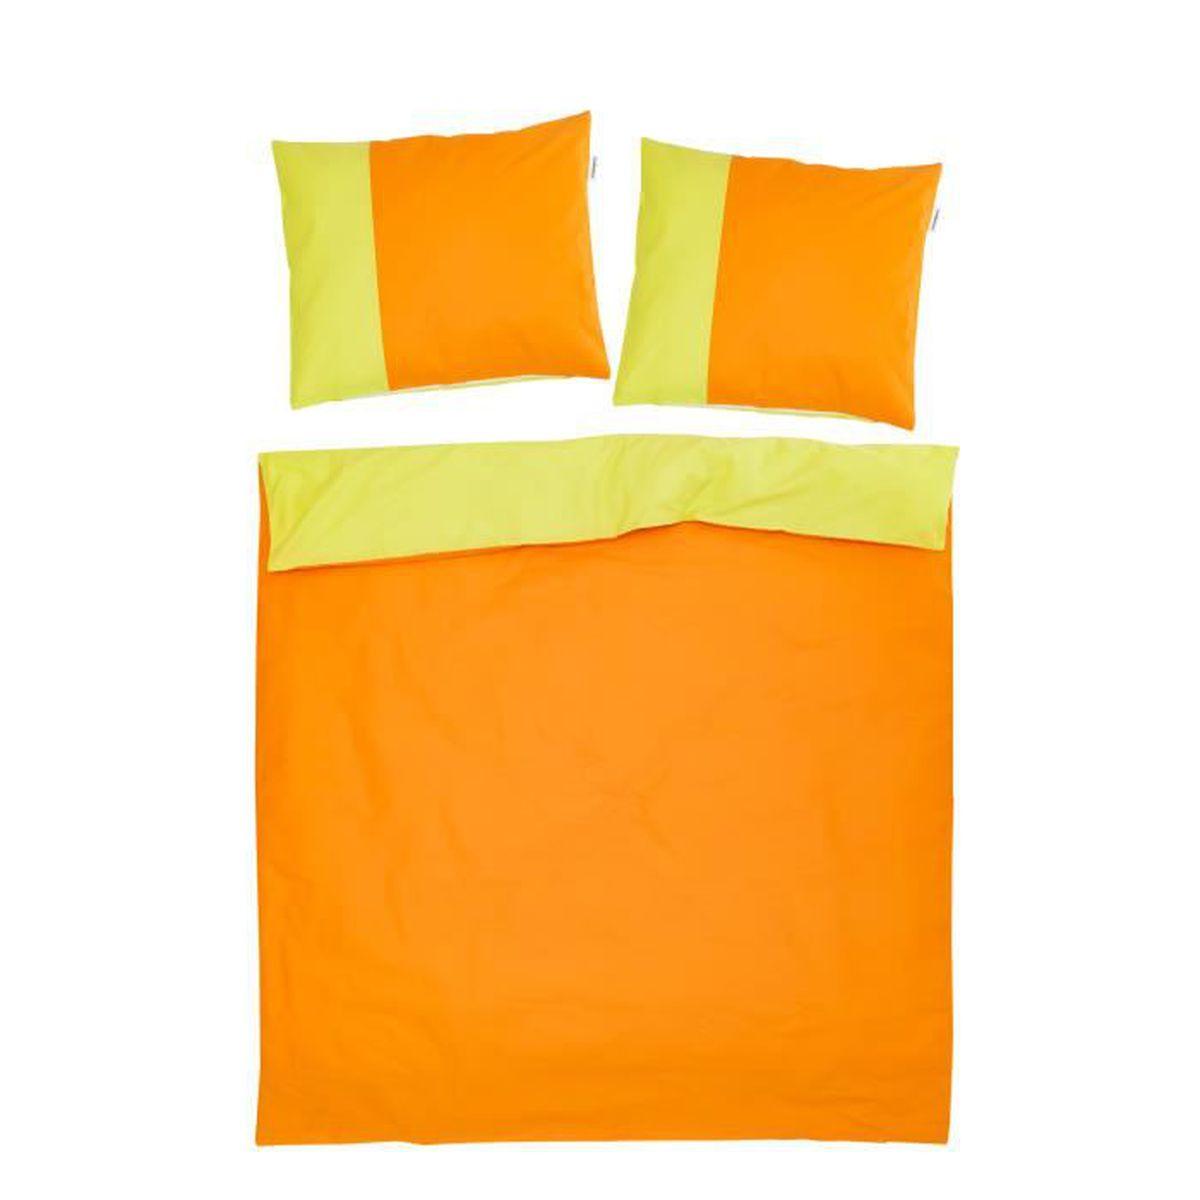 HOUSSE DE COUETTE SEULE Orange & Vert - SoulBedroom 100% Coton Parure de l